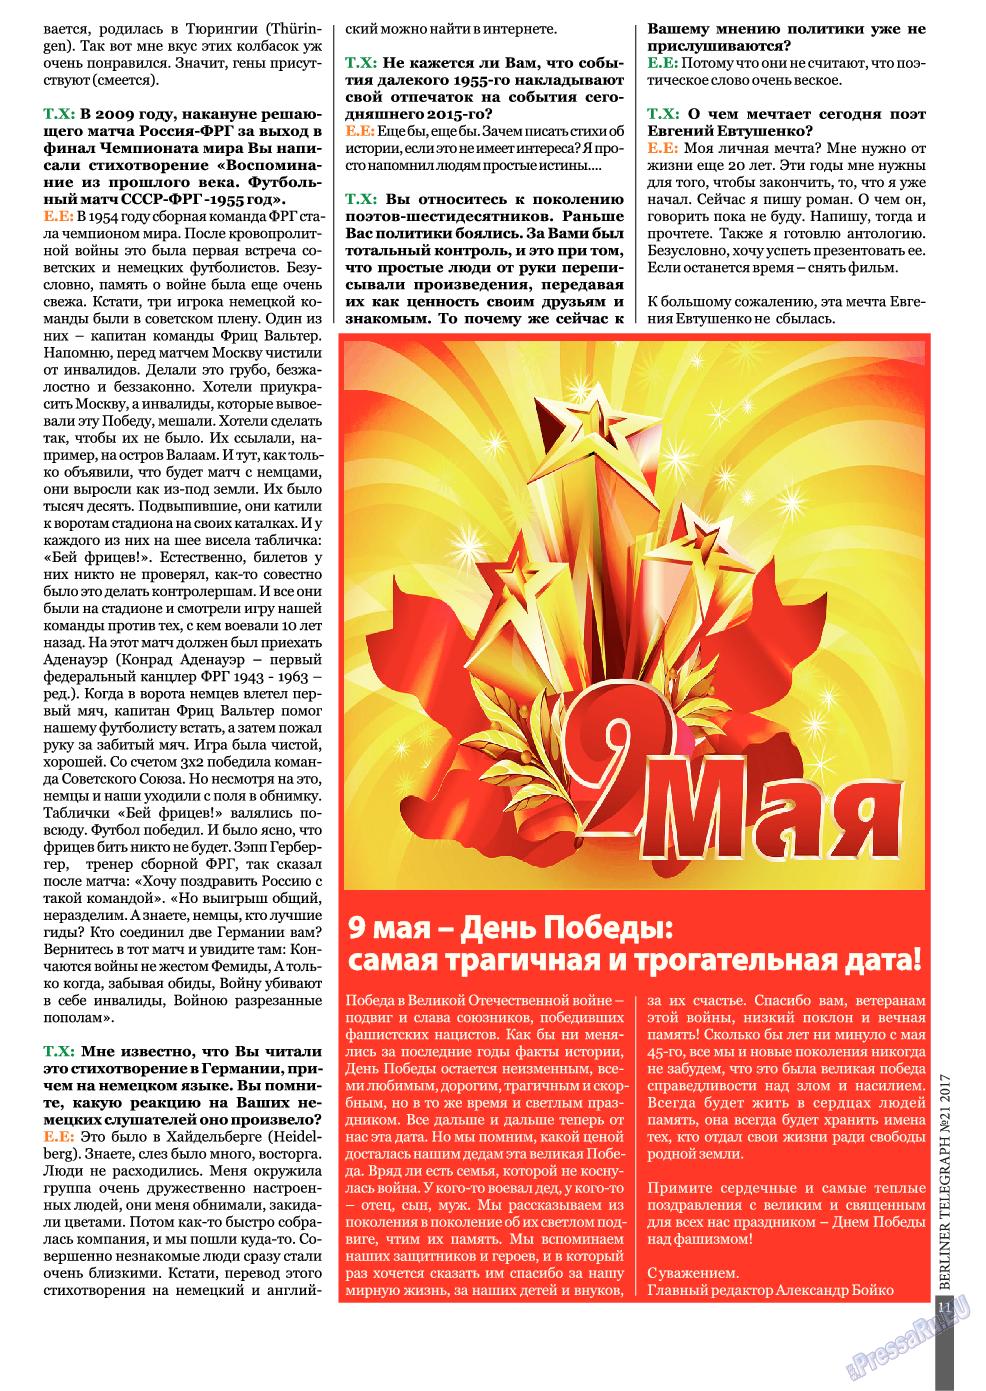 Берлинский телеграф (журнал). 2017 год, номер 21, стр. 11